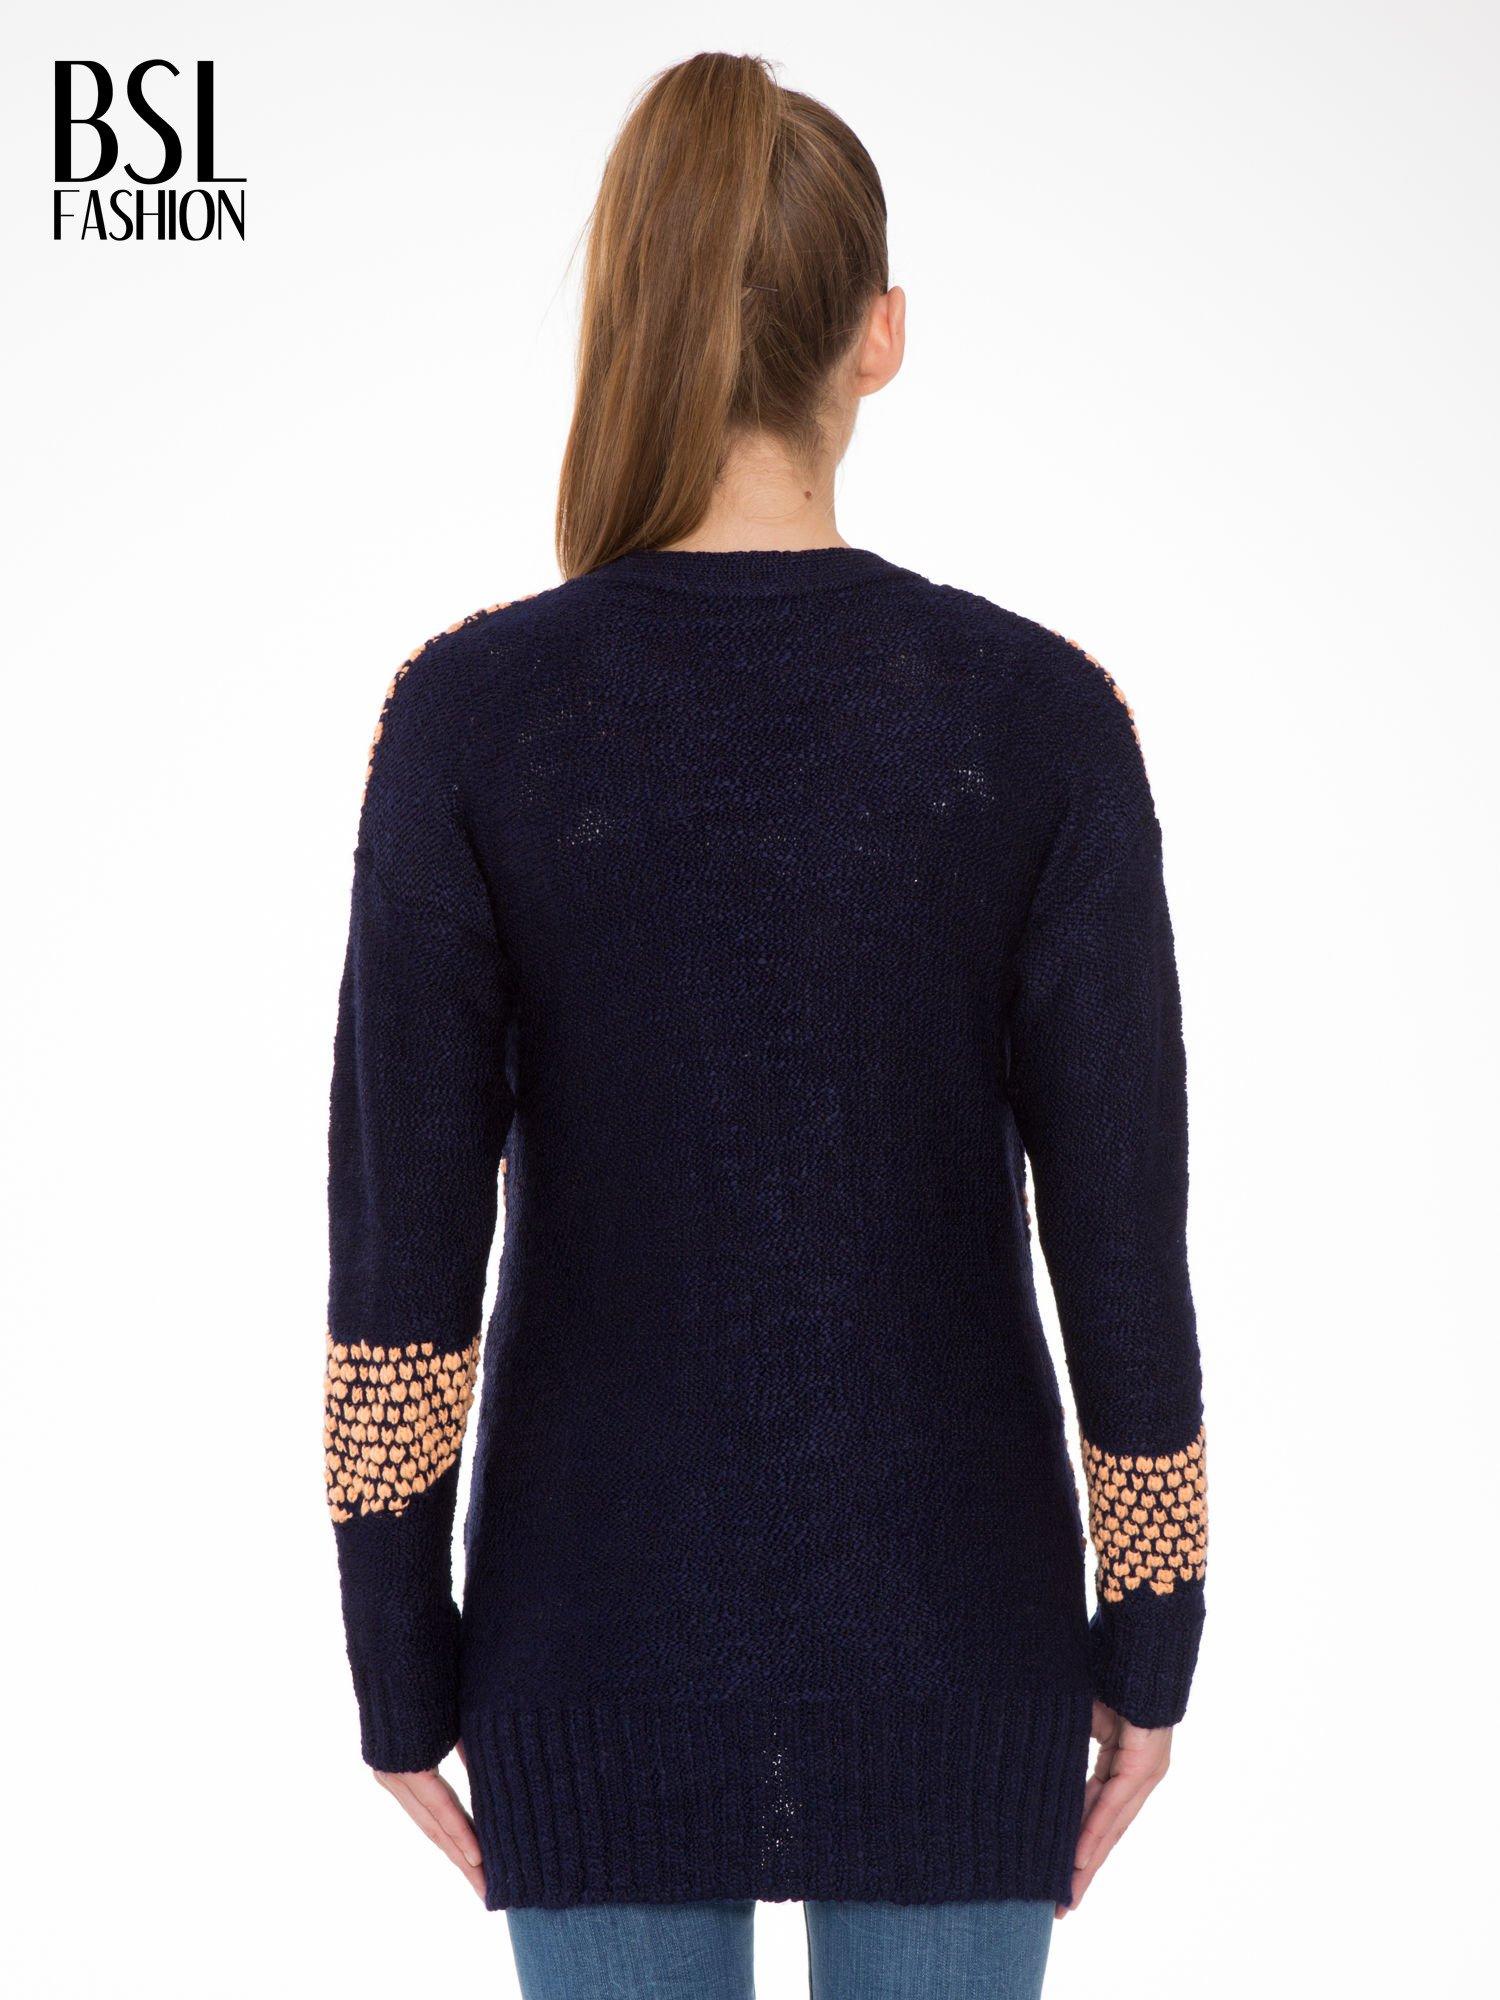 Granatowy sweter typu otwarty kardigan z ozdobnym ściegiem                                  zdj.                                  4